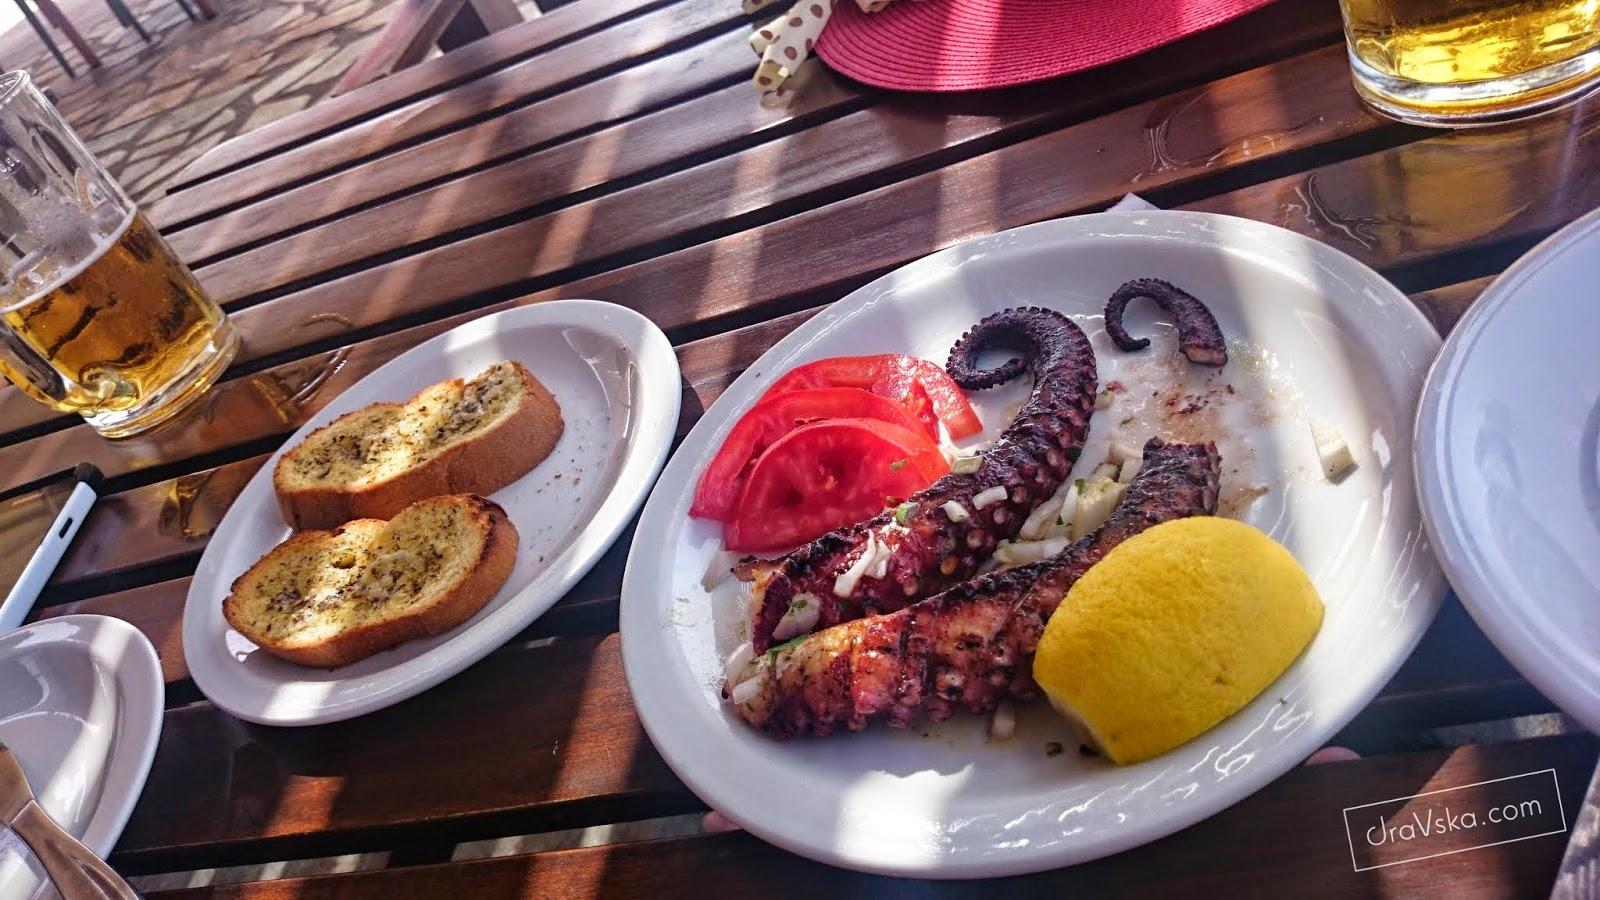 GRECJA - jedzenie, jedzenie i jeszcze raz jedzenie! Kuchnia grecka, czyli gdzie warto coś wciągnąć.